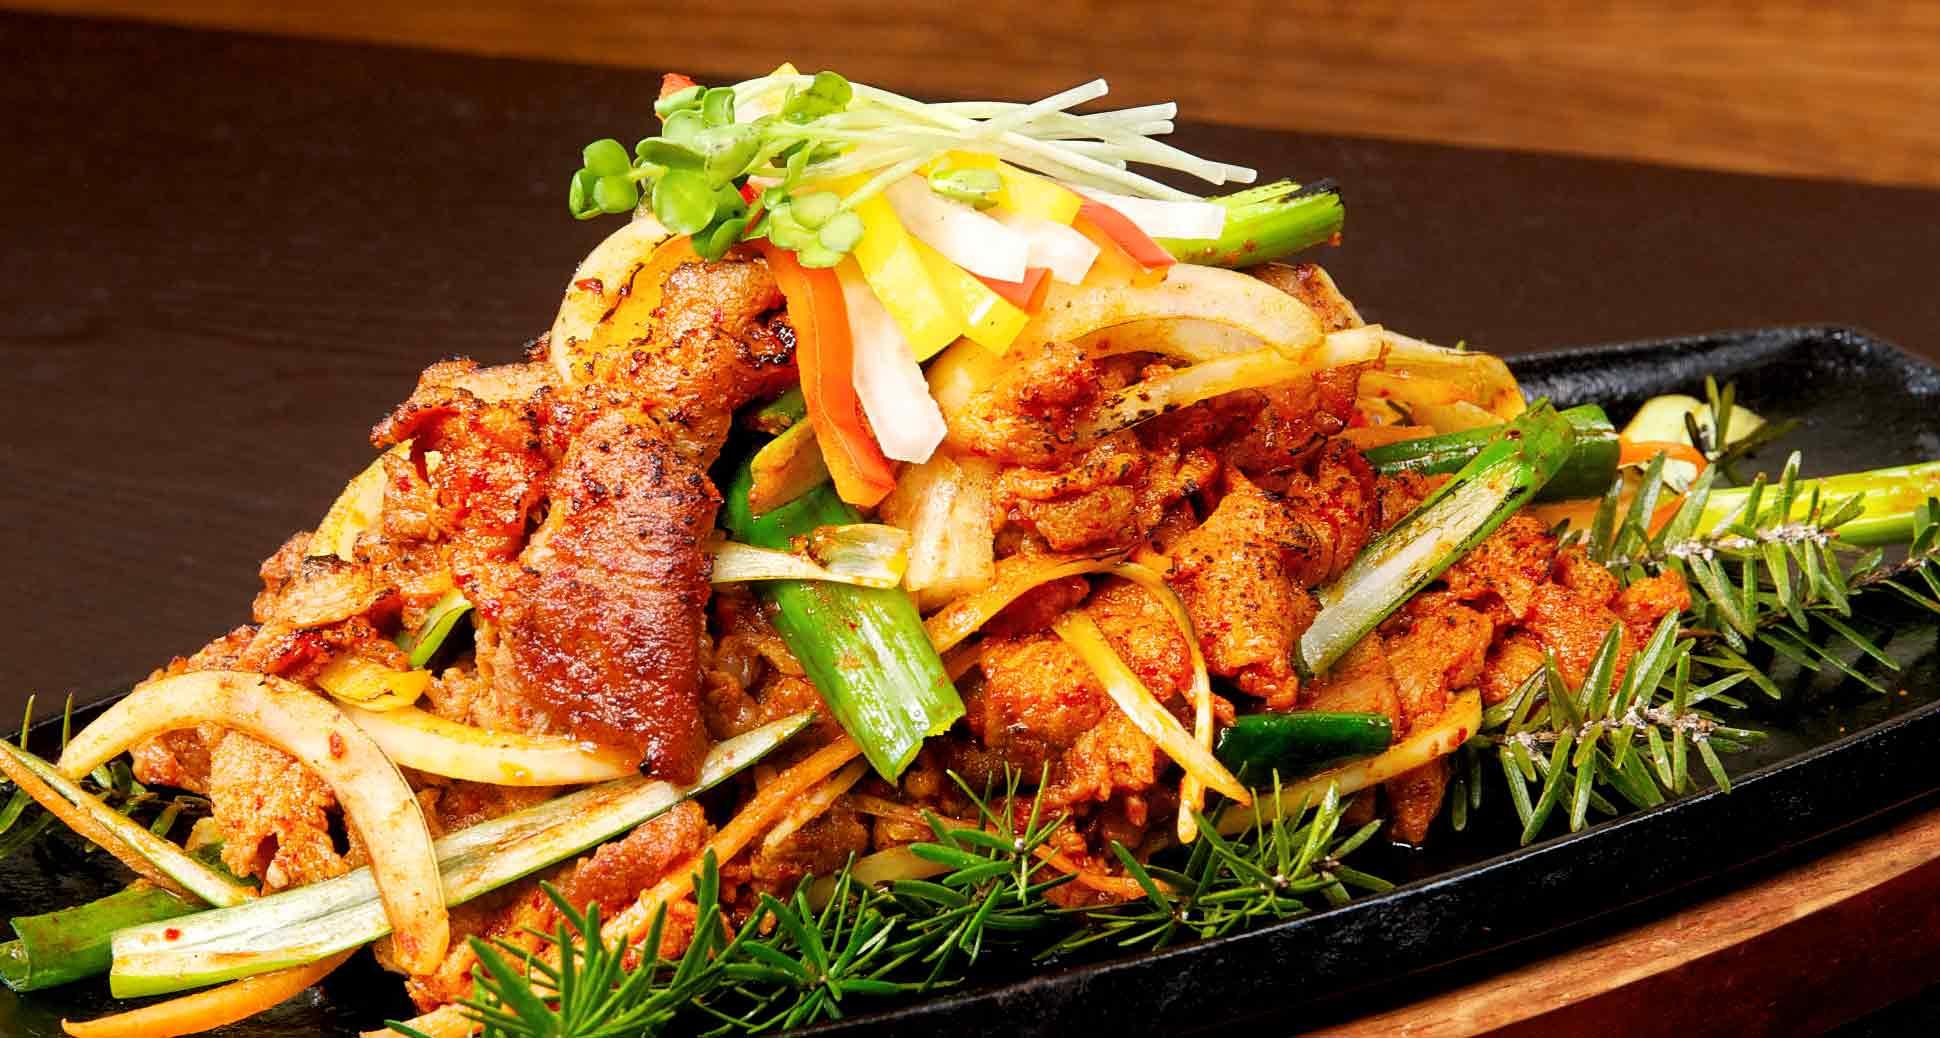 CORE SPICY KOREAN PORK SHOWCASE (JEYUK BOKKEUM)